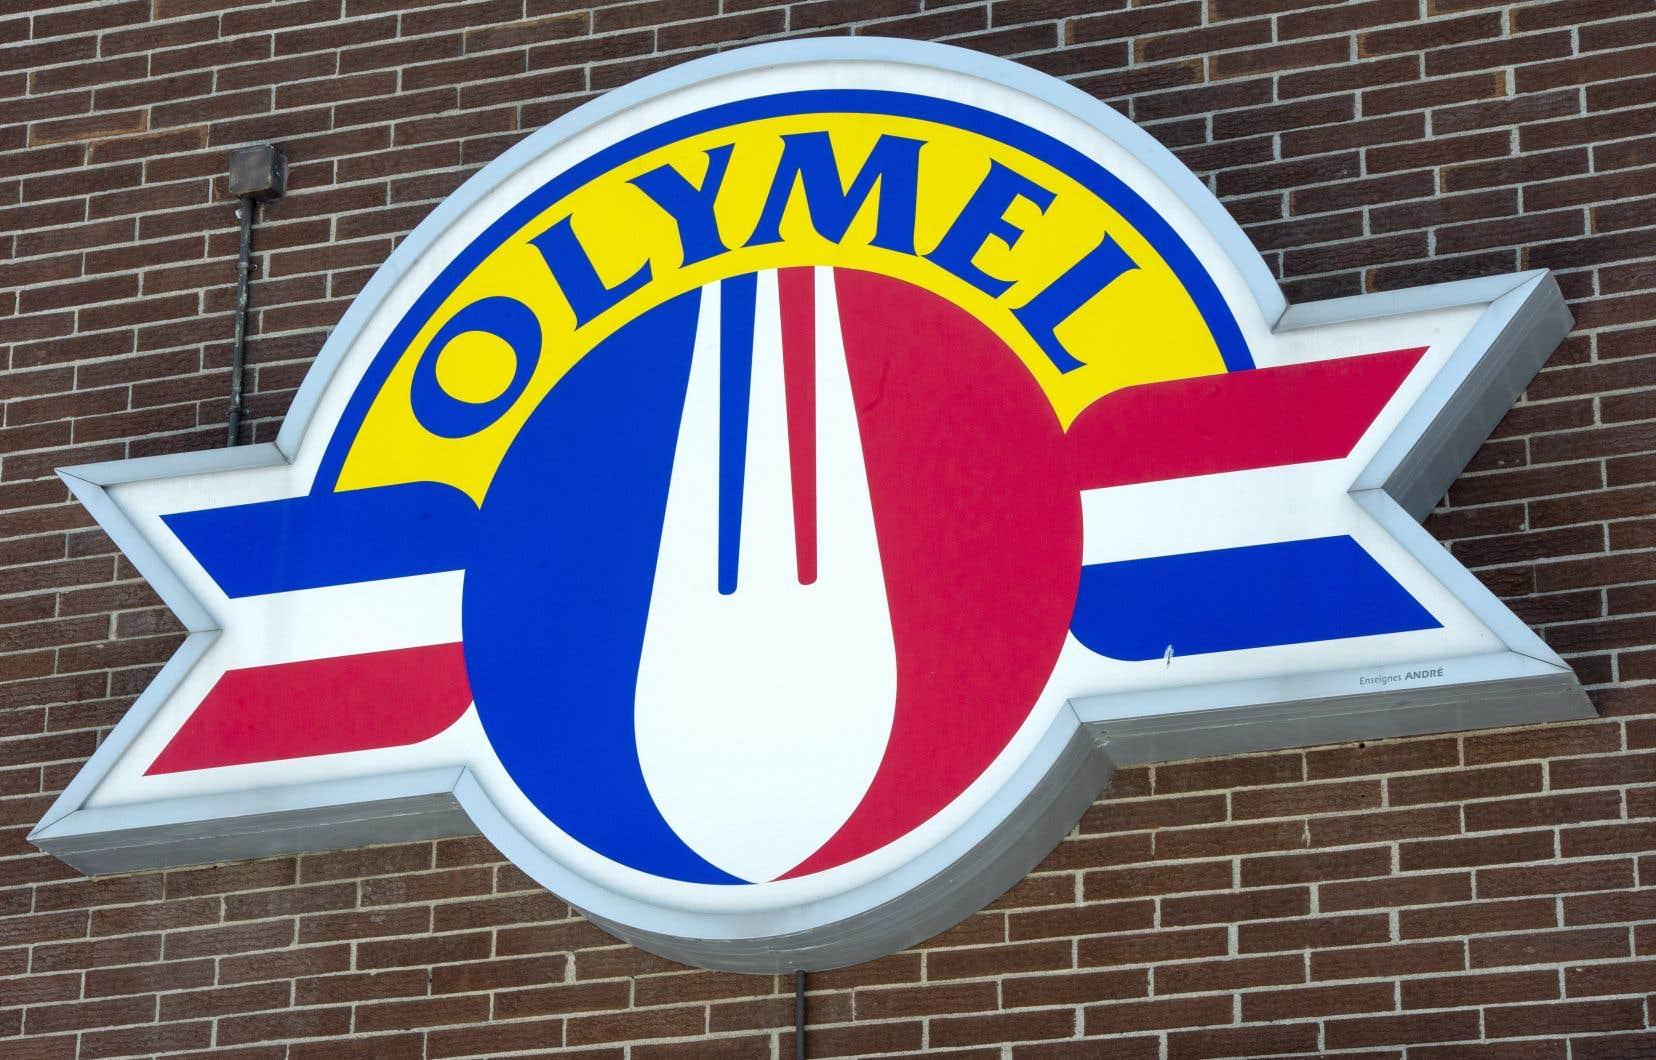 Selon Olymel, 101 employés, parmi les près de 1000 qui travaillent à l'usine de Yamachiche, ont reçu un diagnostic positif à la COVID-19.